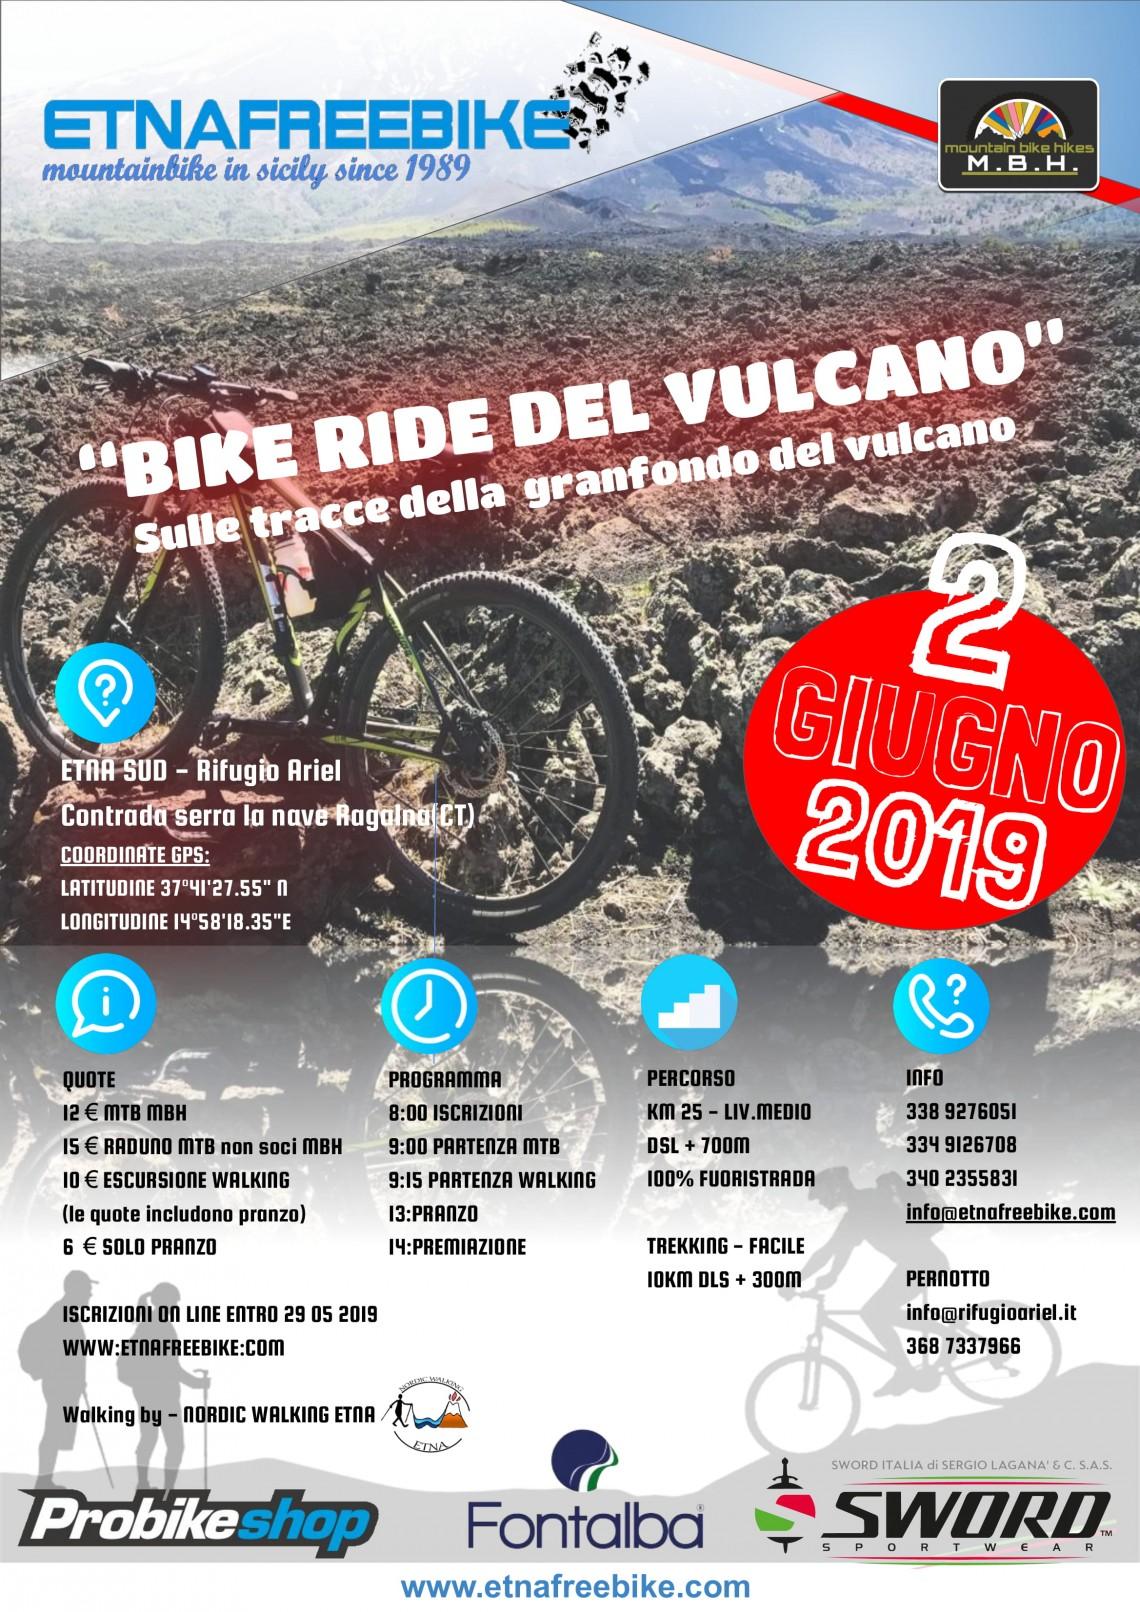 BIKE-RIDE-DEL-VULCANO-2019-1